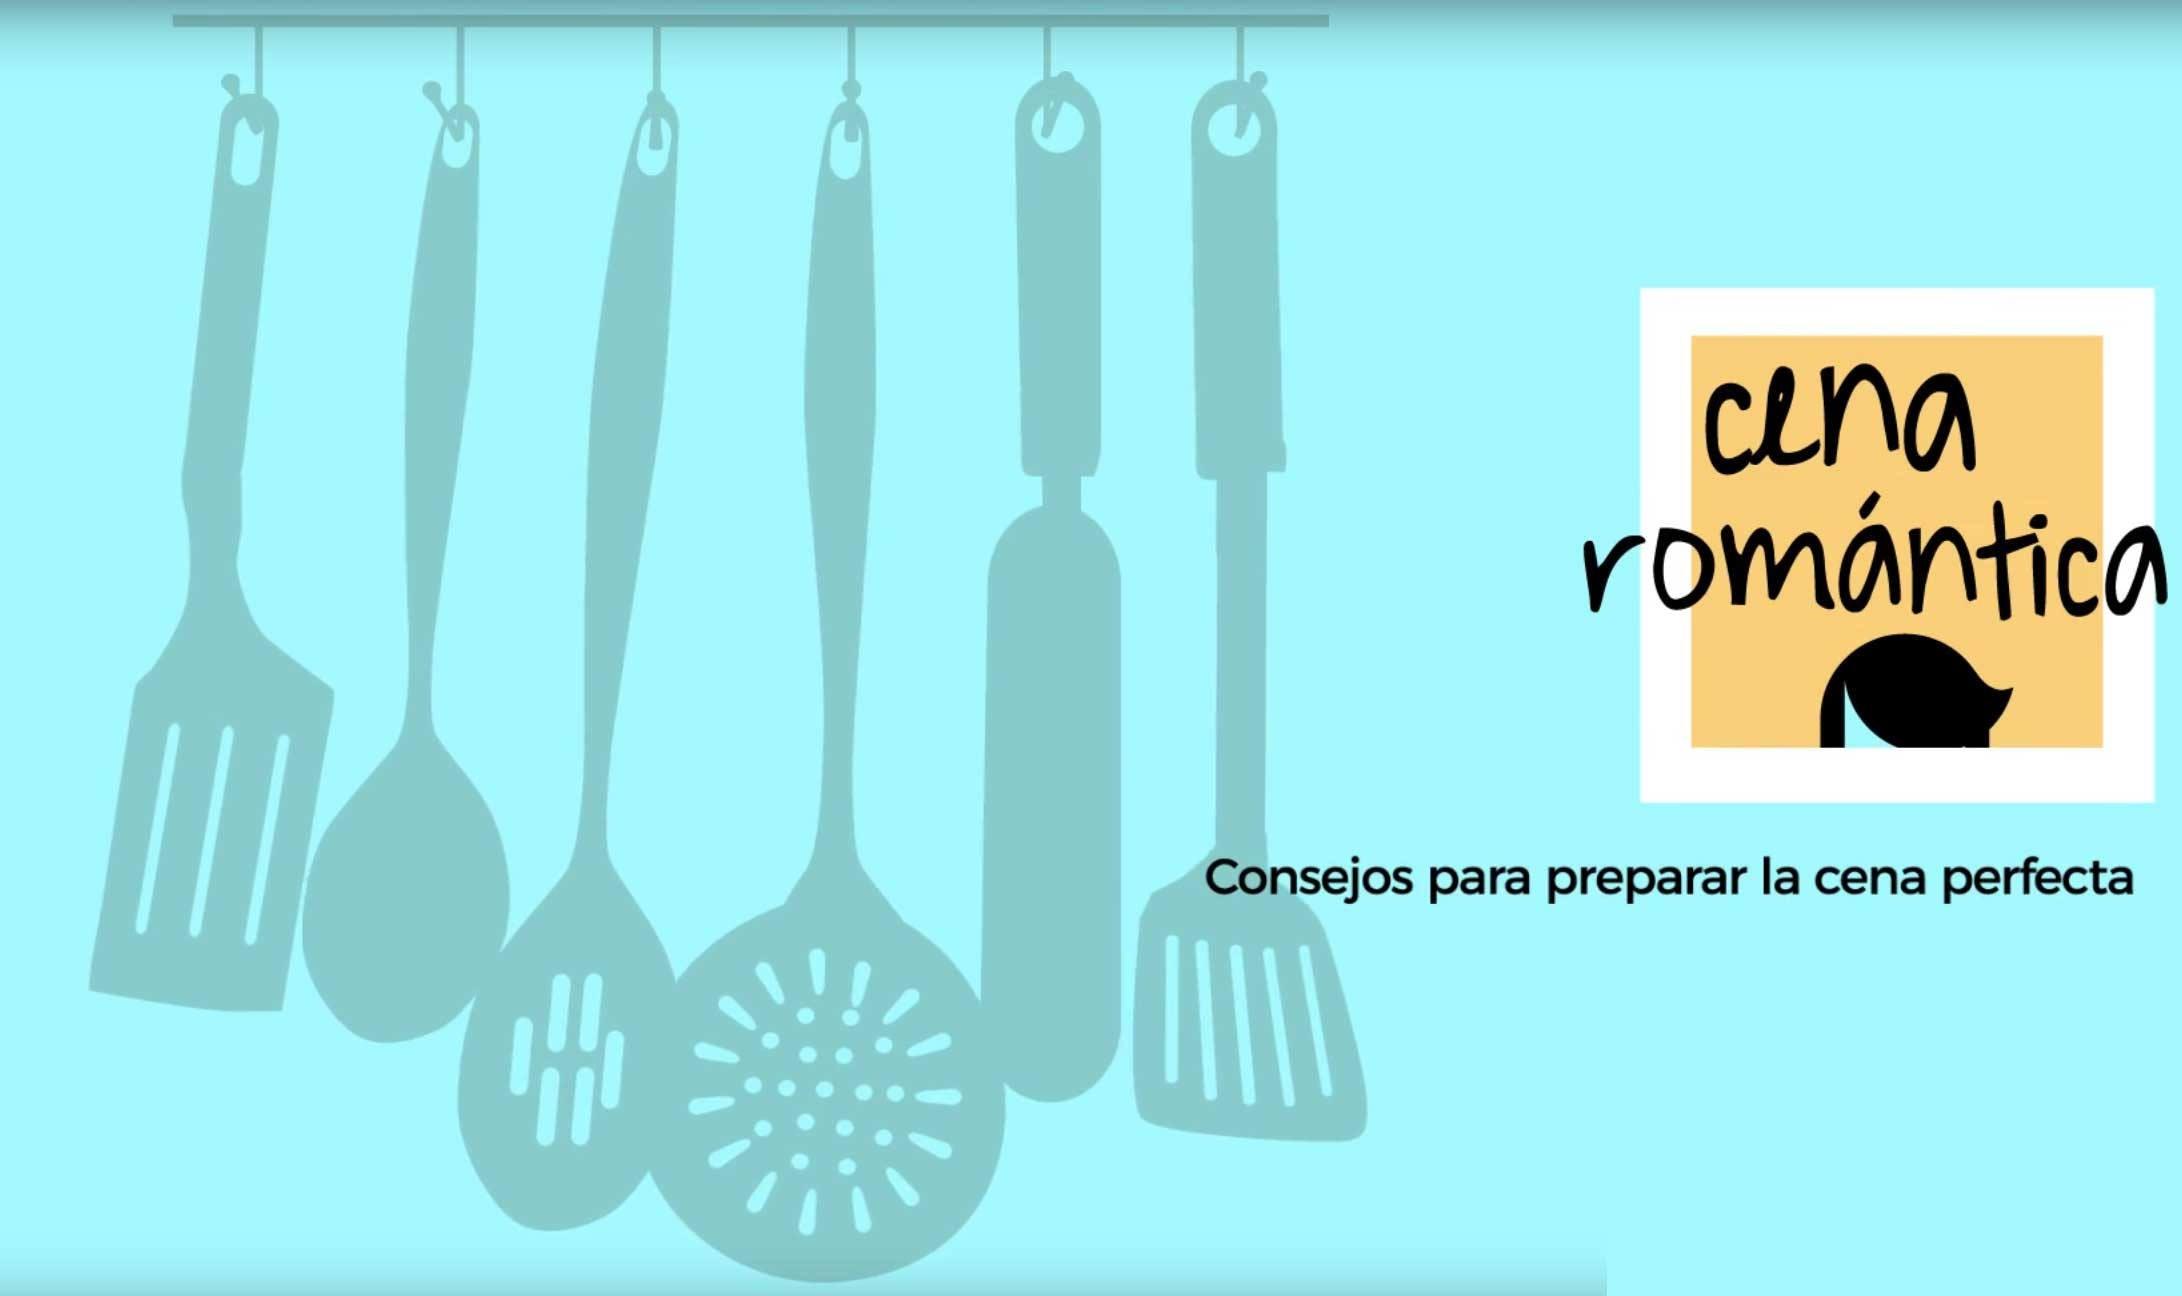 San Valentin: consejos para preparar la cena perfecta